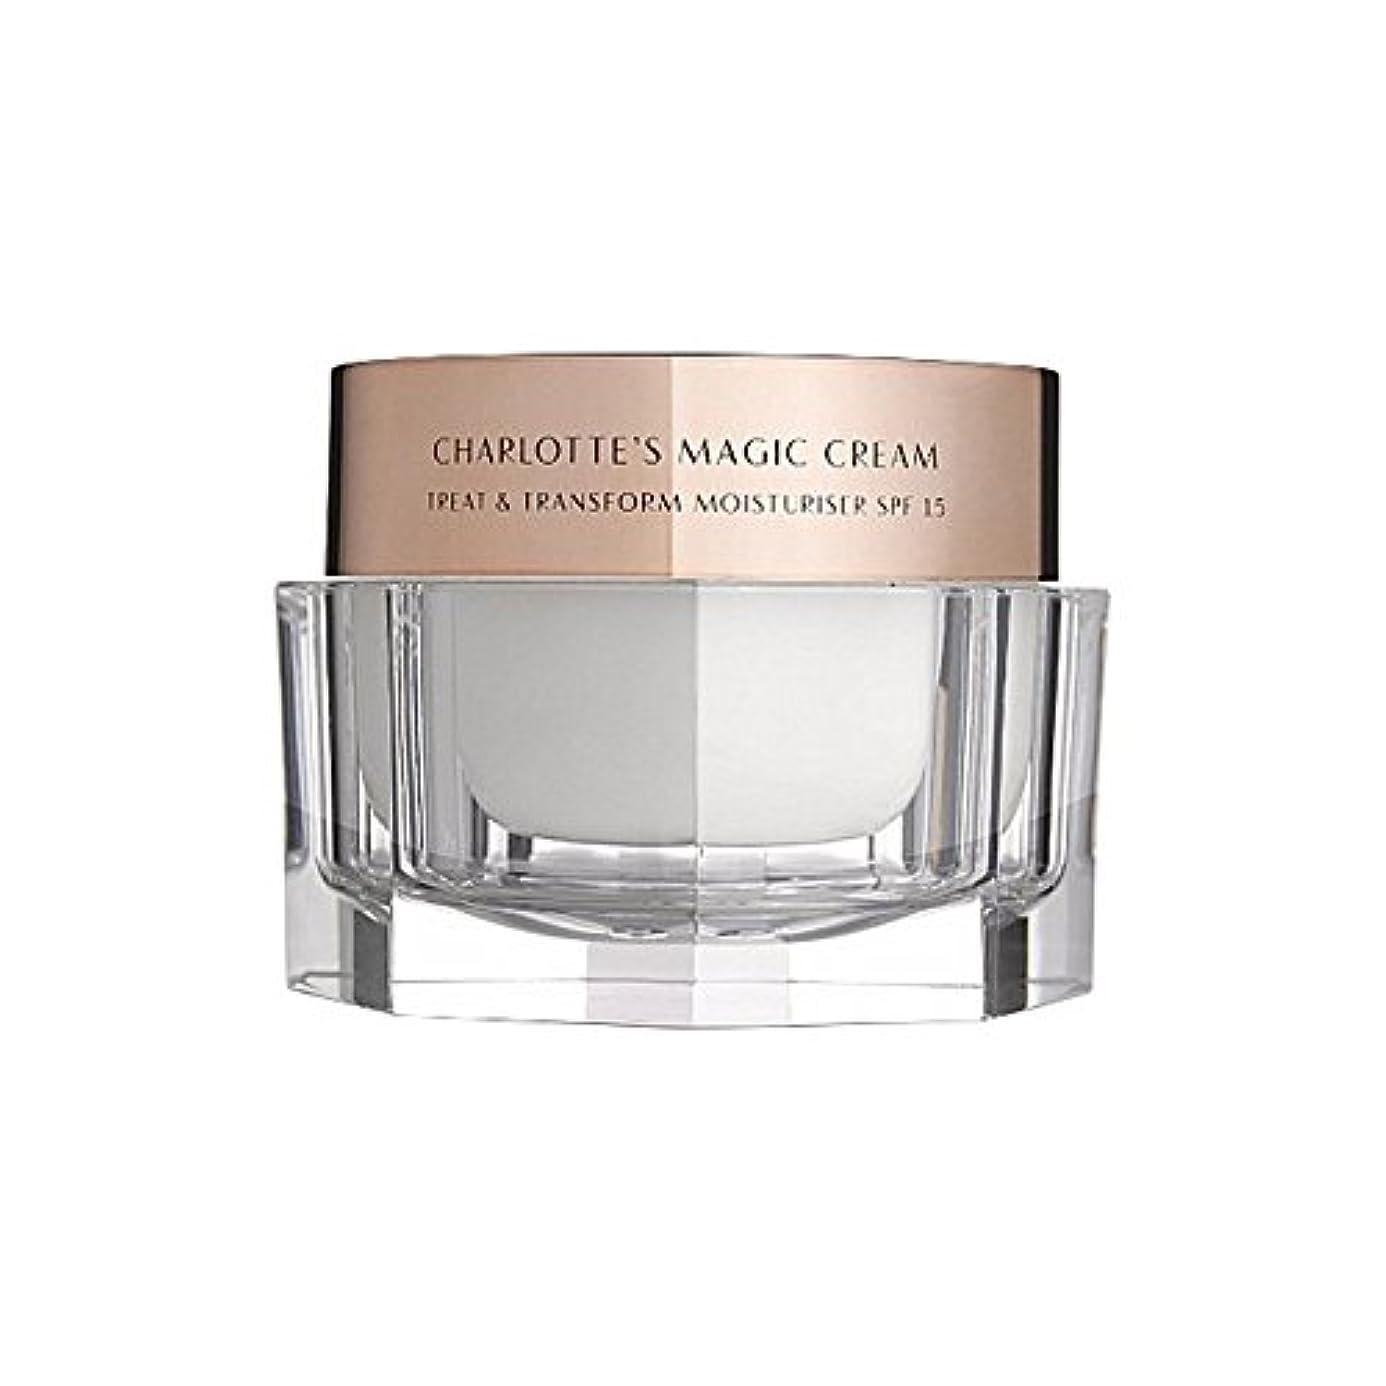 高齢者タイマー荷物Charlotte Tilbury Charlotte's Magic Cream Treat & Transform Moisturiser Spf 15 50Ml (Pack of 6) - シャーロット?ティルベリーシャーロットの魔法のクリームの御馳走&モイスチャライザー 15 50ミリリットルを変換 x6 [並行輸入品]